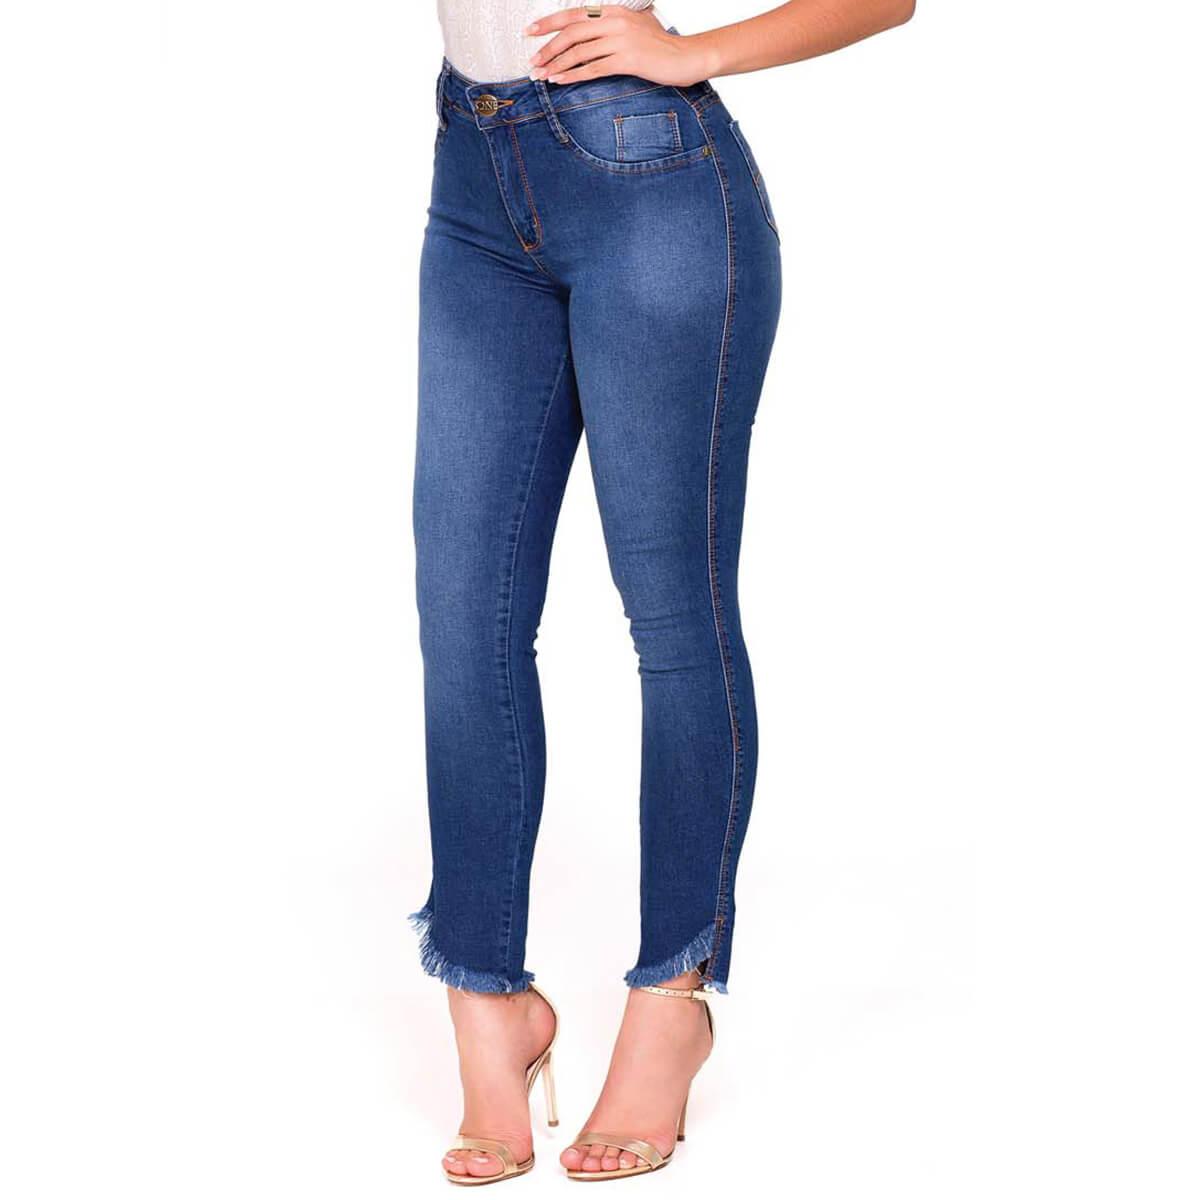 Calça Jeans Feminina Cigarrete Barra Assimétrica